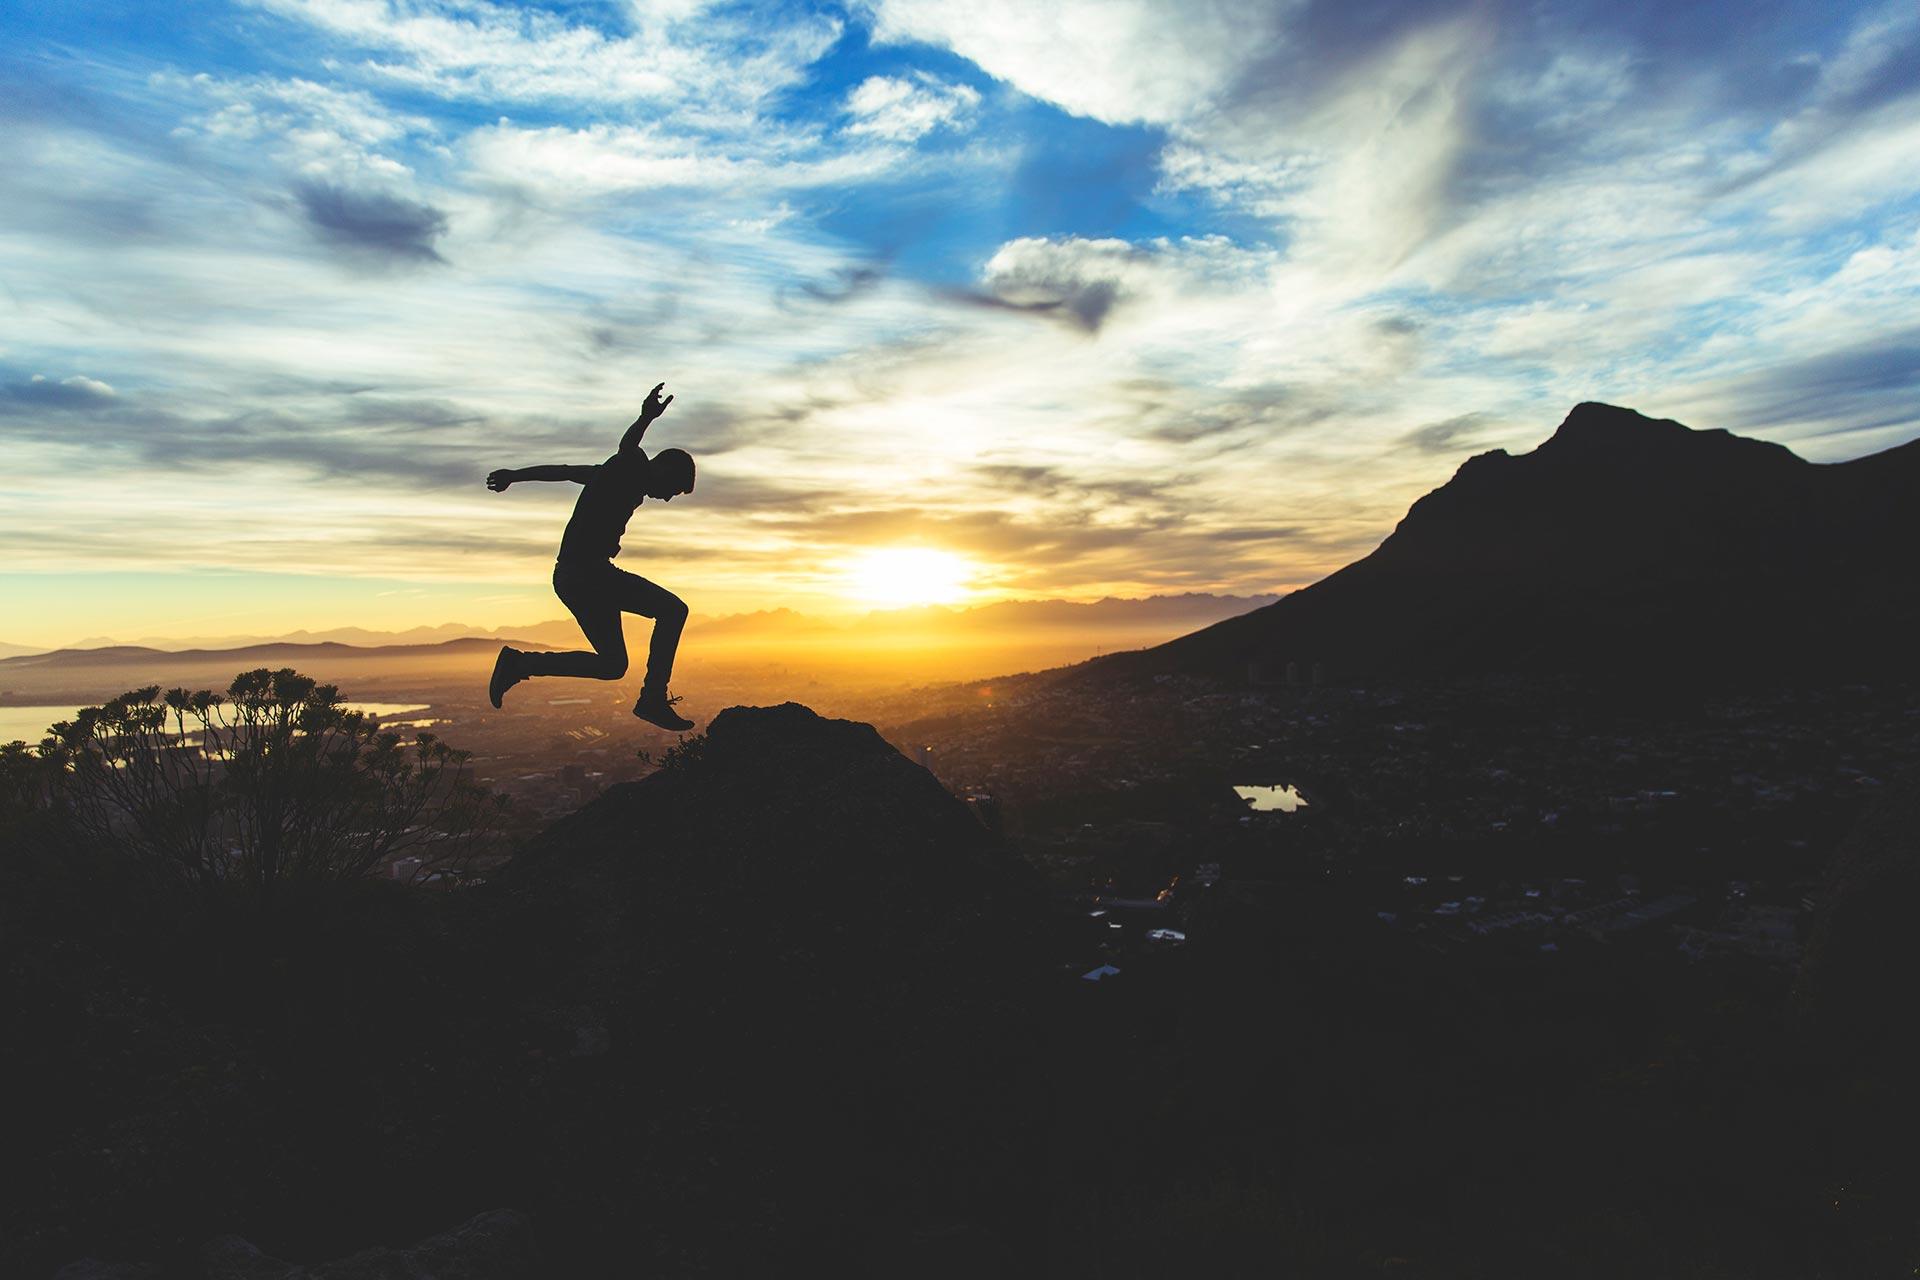 Важна не только физическая сила, но и моральная – именно она помогает легко переживать неприятности и неизменно вставать с колен после неудач